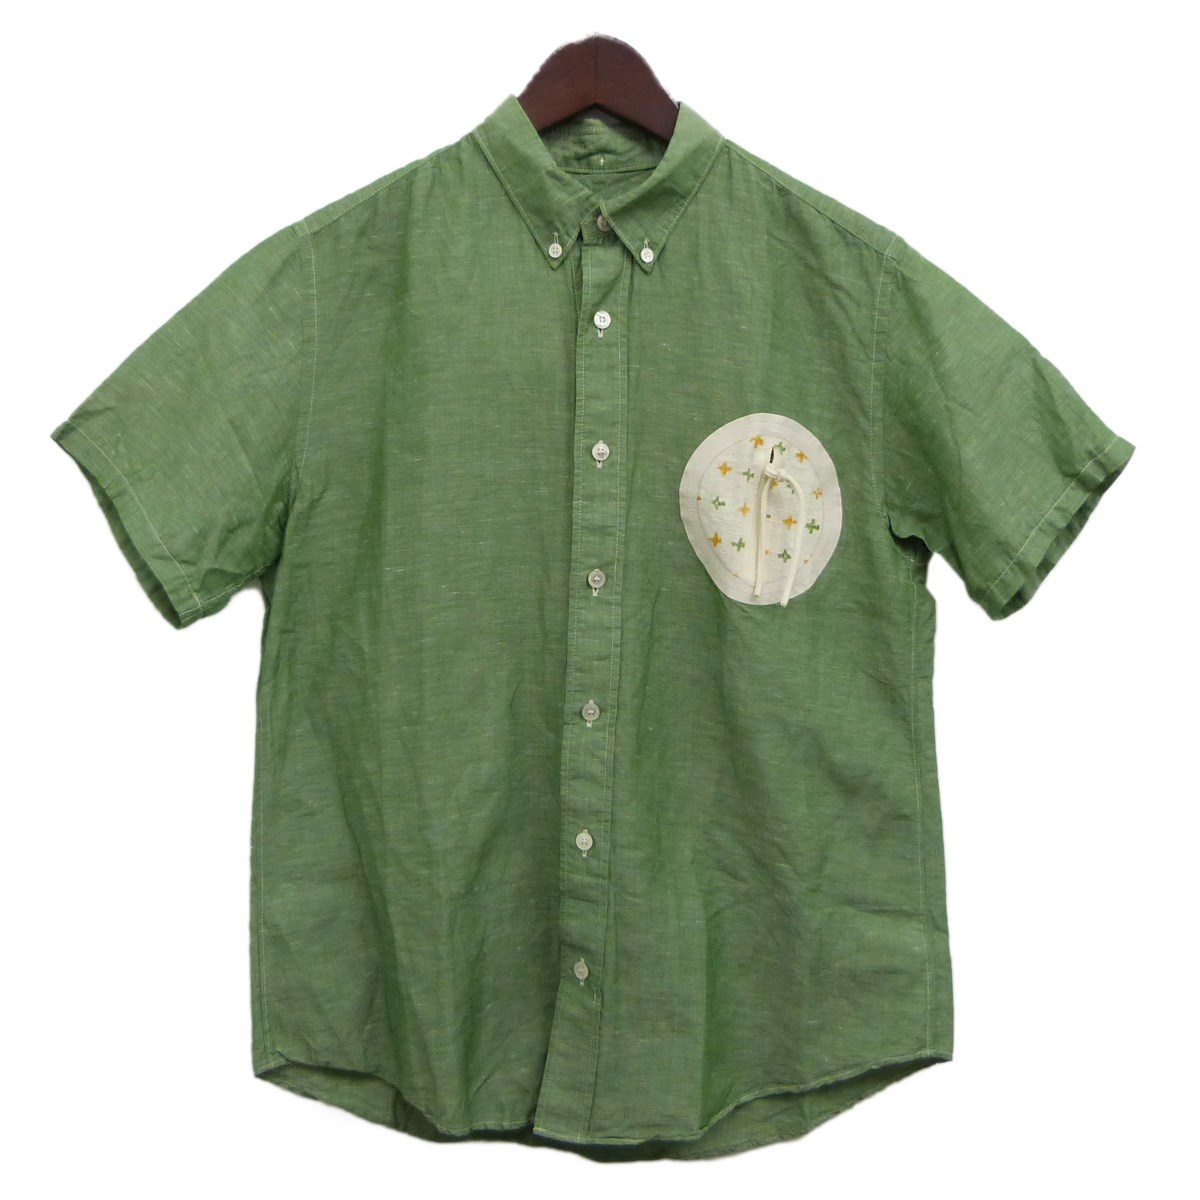 【中古】VISVIM 13SS「JUNEAU WELD NOTO S/S」サークルポケット半袖シャツ グリーン サイズ:1 【200420】(ビズビム)